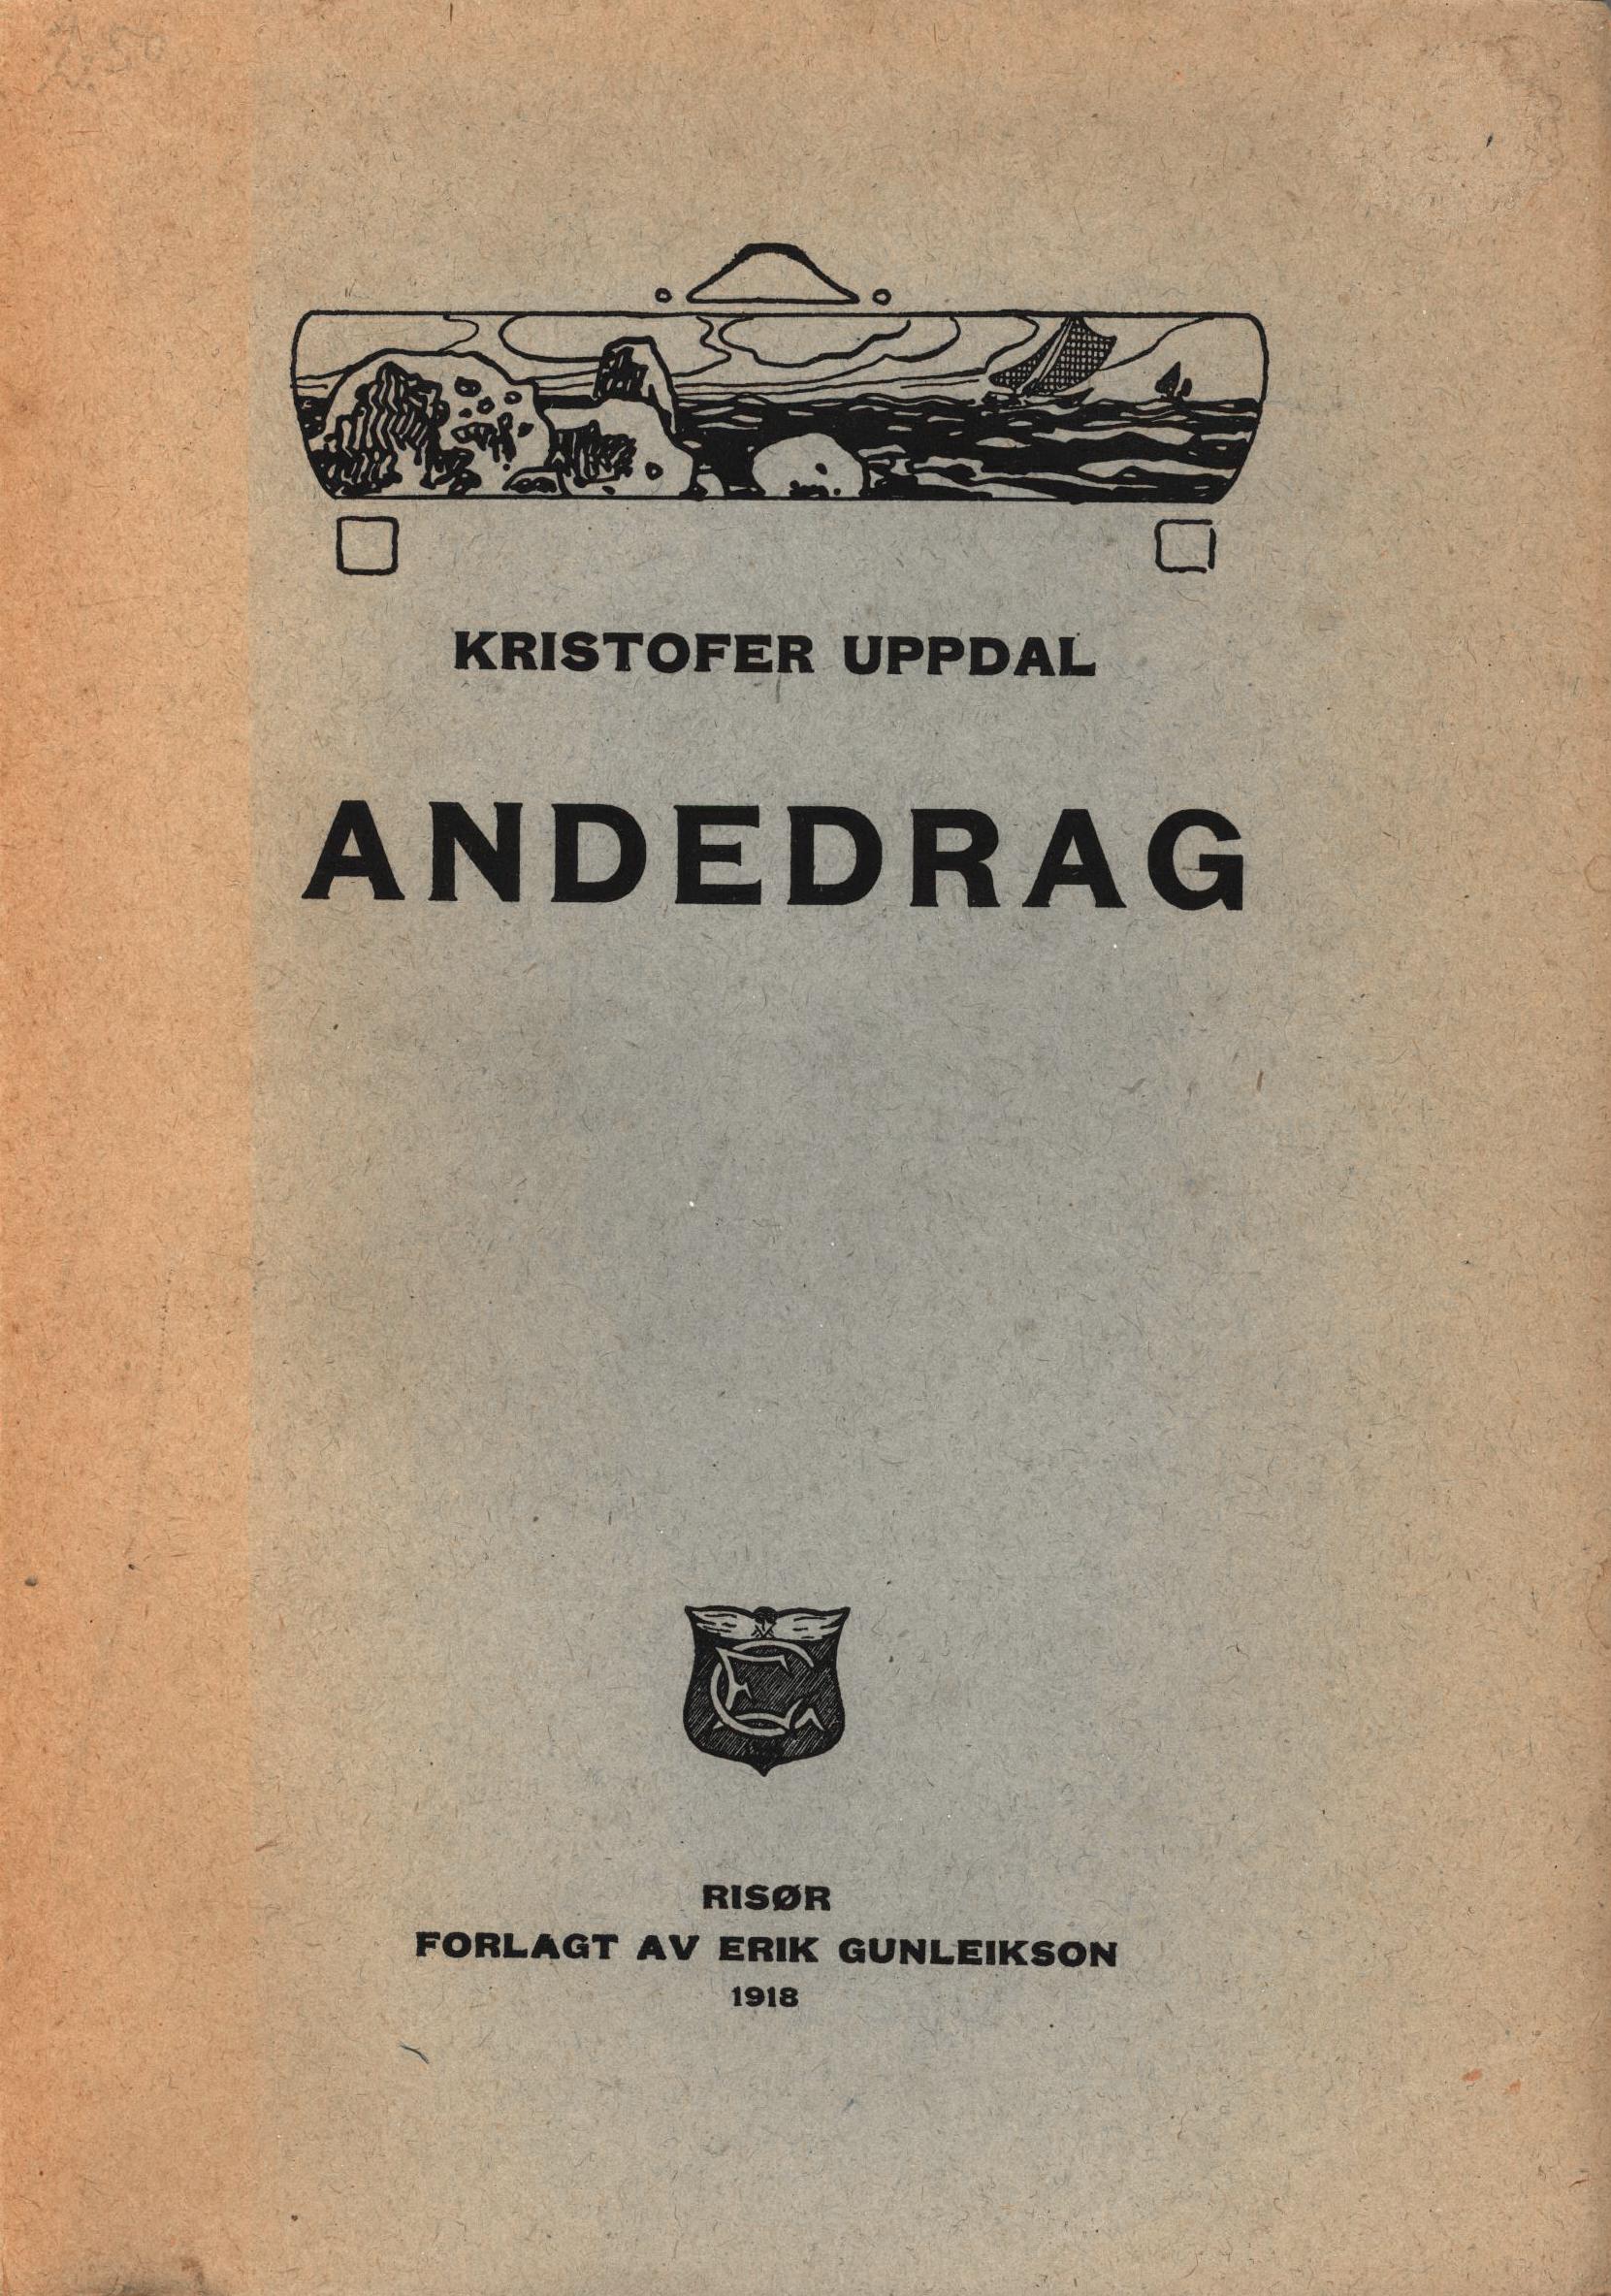 Kristofer Uppdal: Andedrag